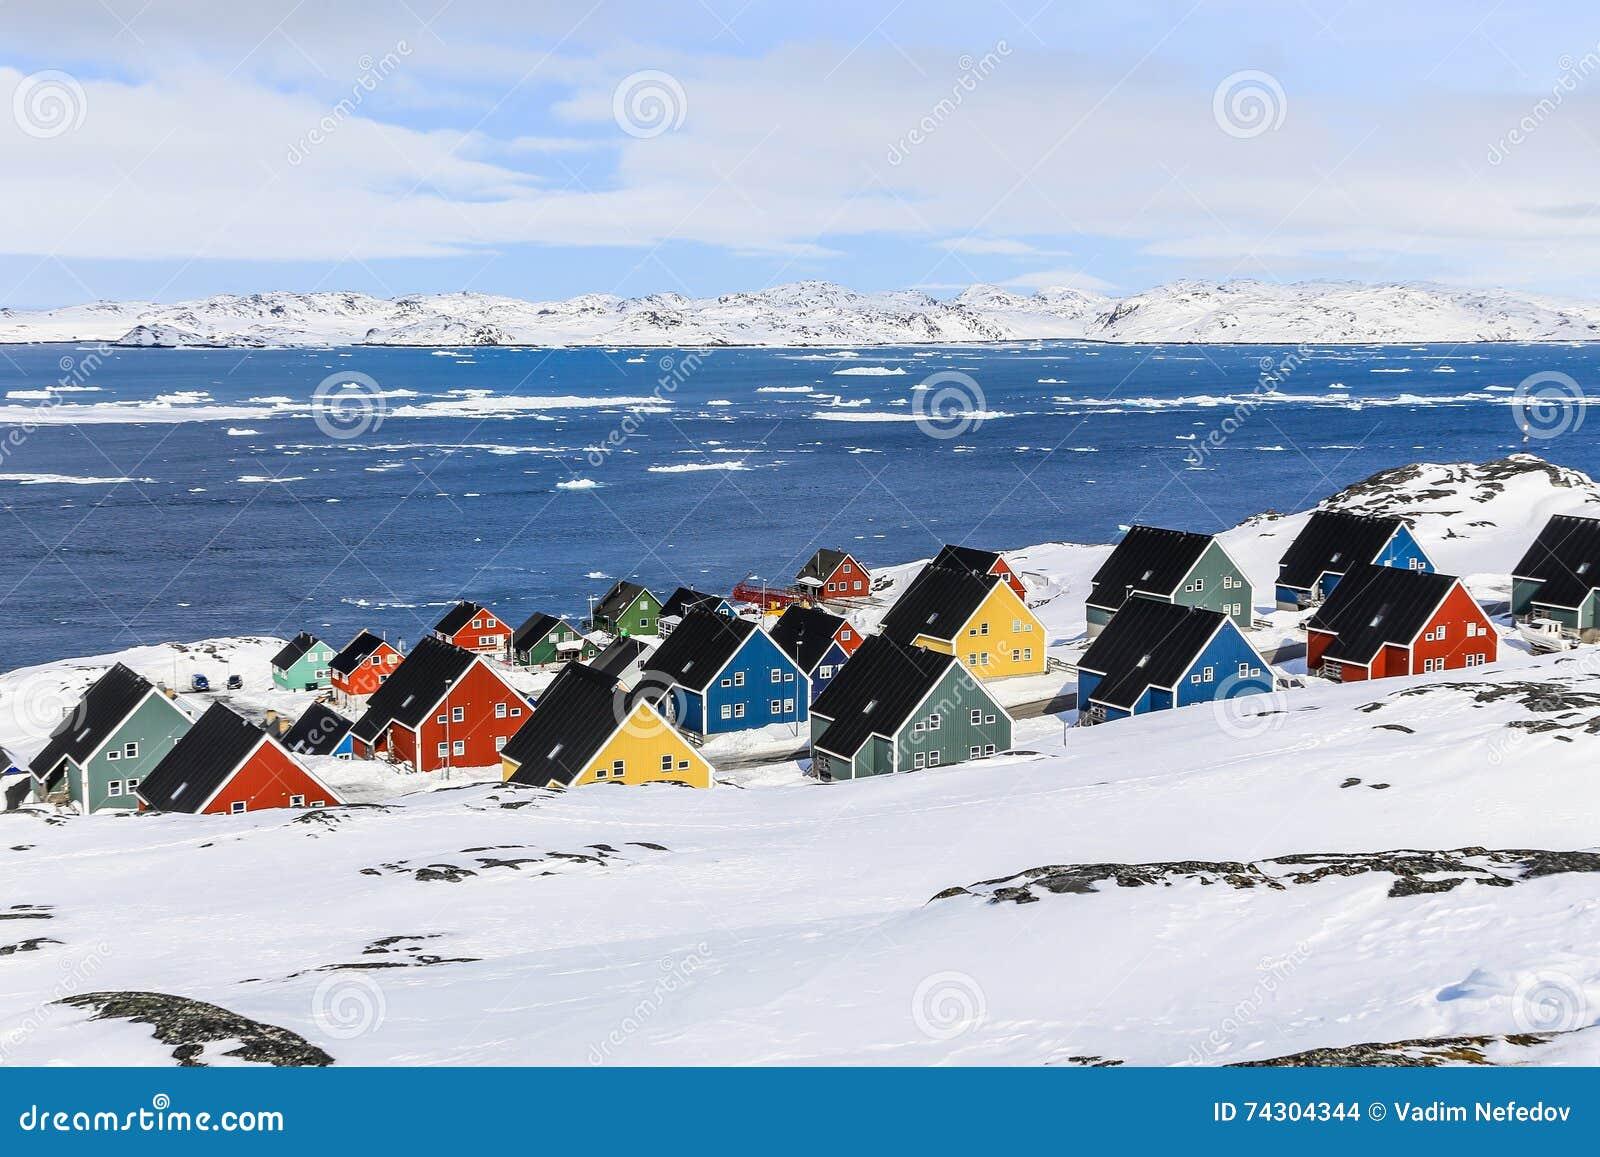 Ζωηρόχρωμα σπίτια inuit σε ένα προάστιο του αρκτικού κύριου Νουούκ